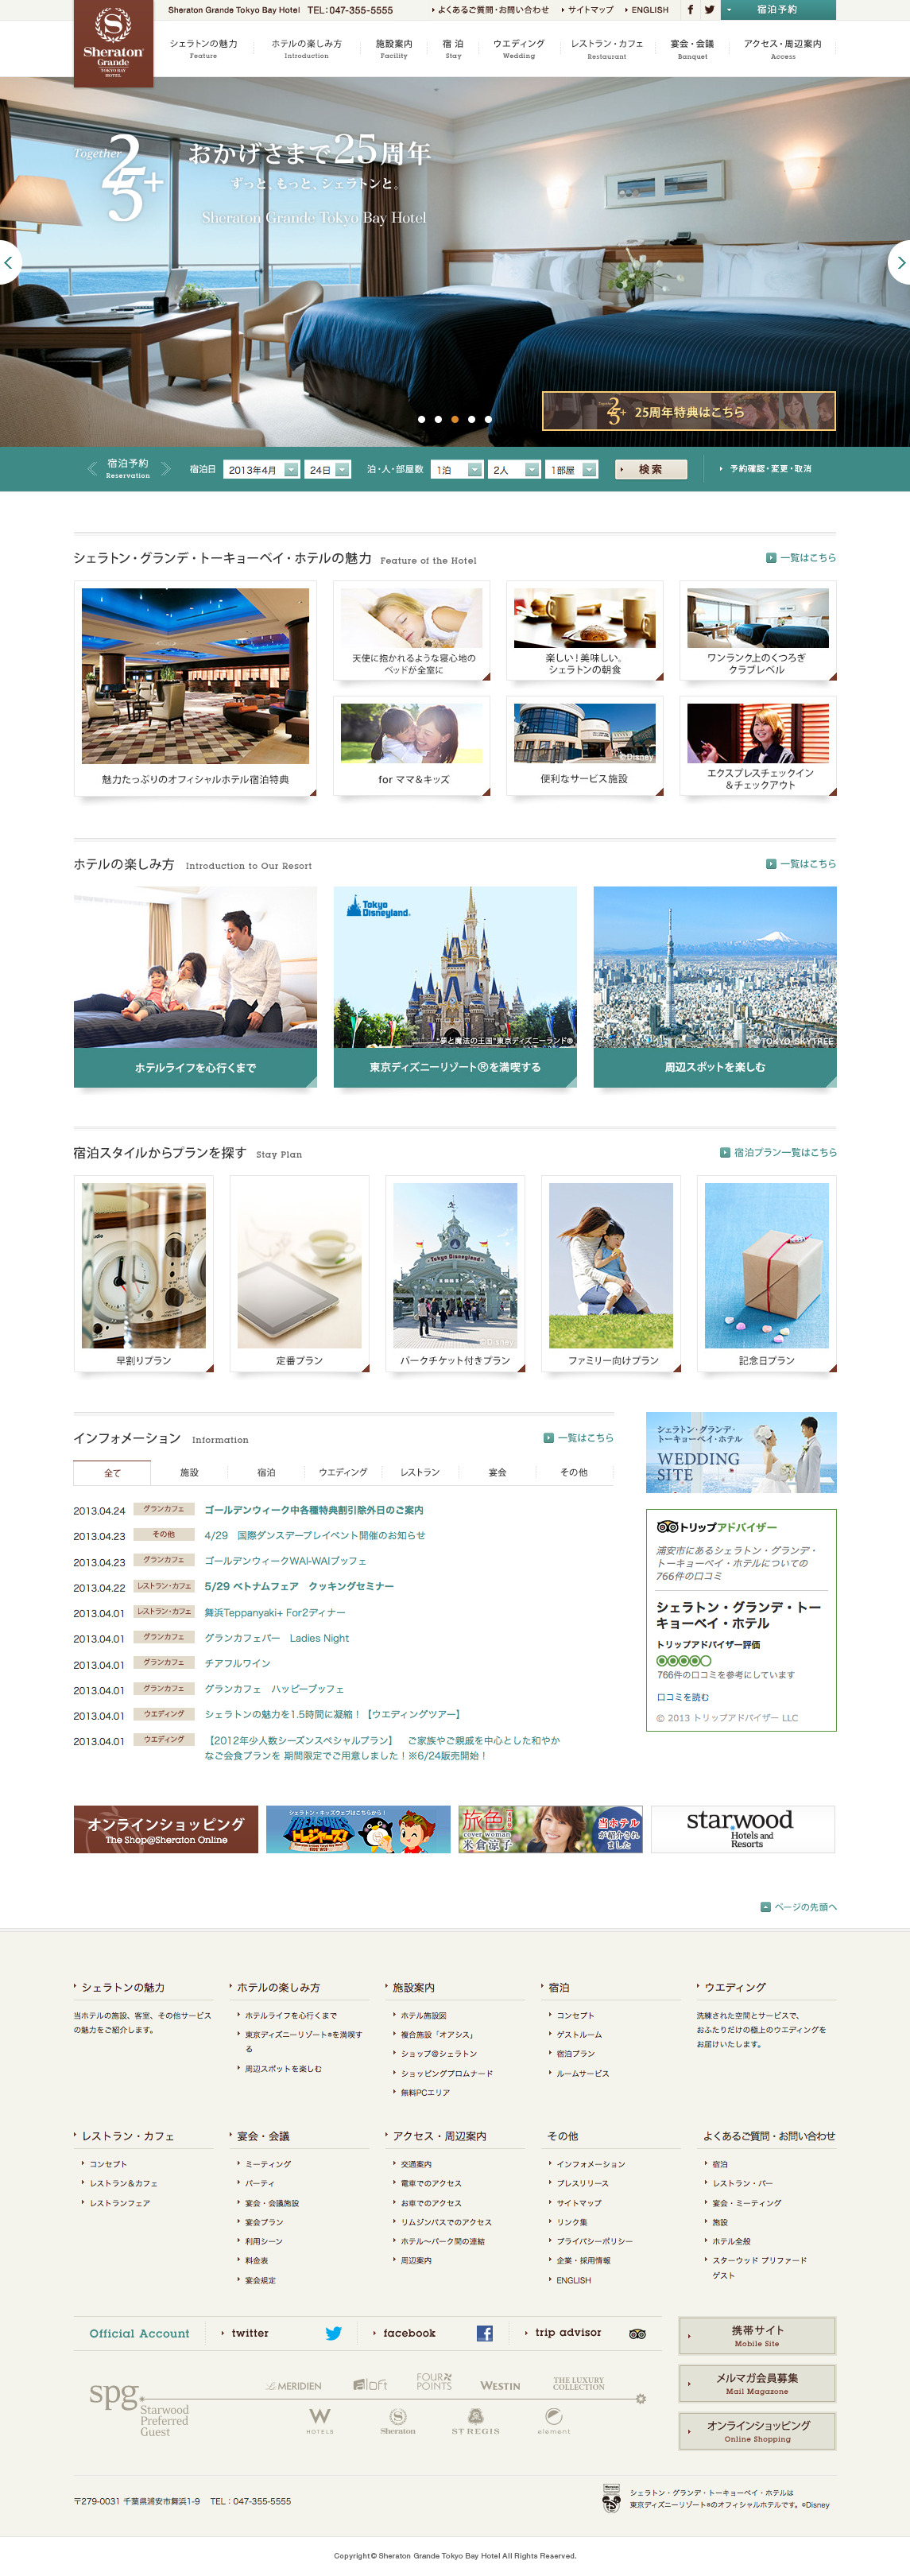 舞浜シェラトン・グランデ・トーキョーベイ・ホテル|東京ディズニーリゾートオフィシャルホテル